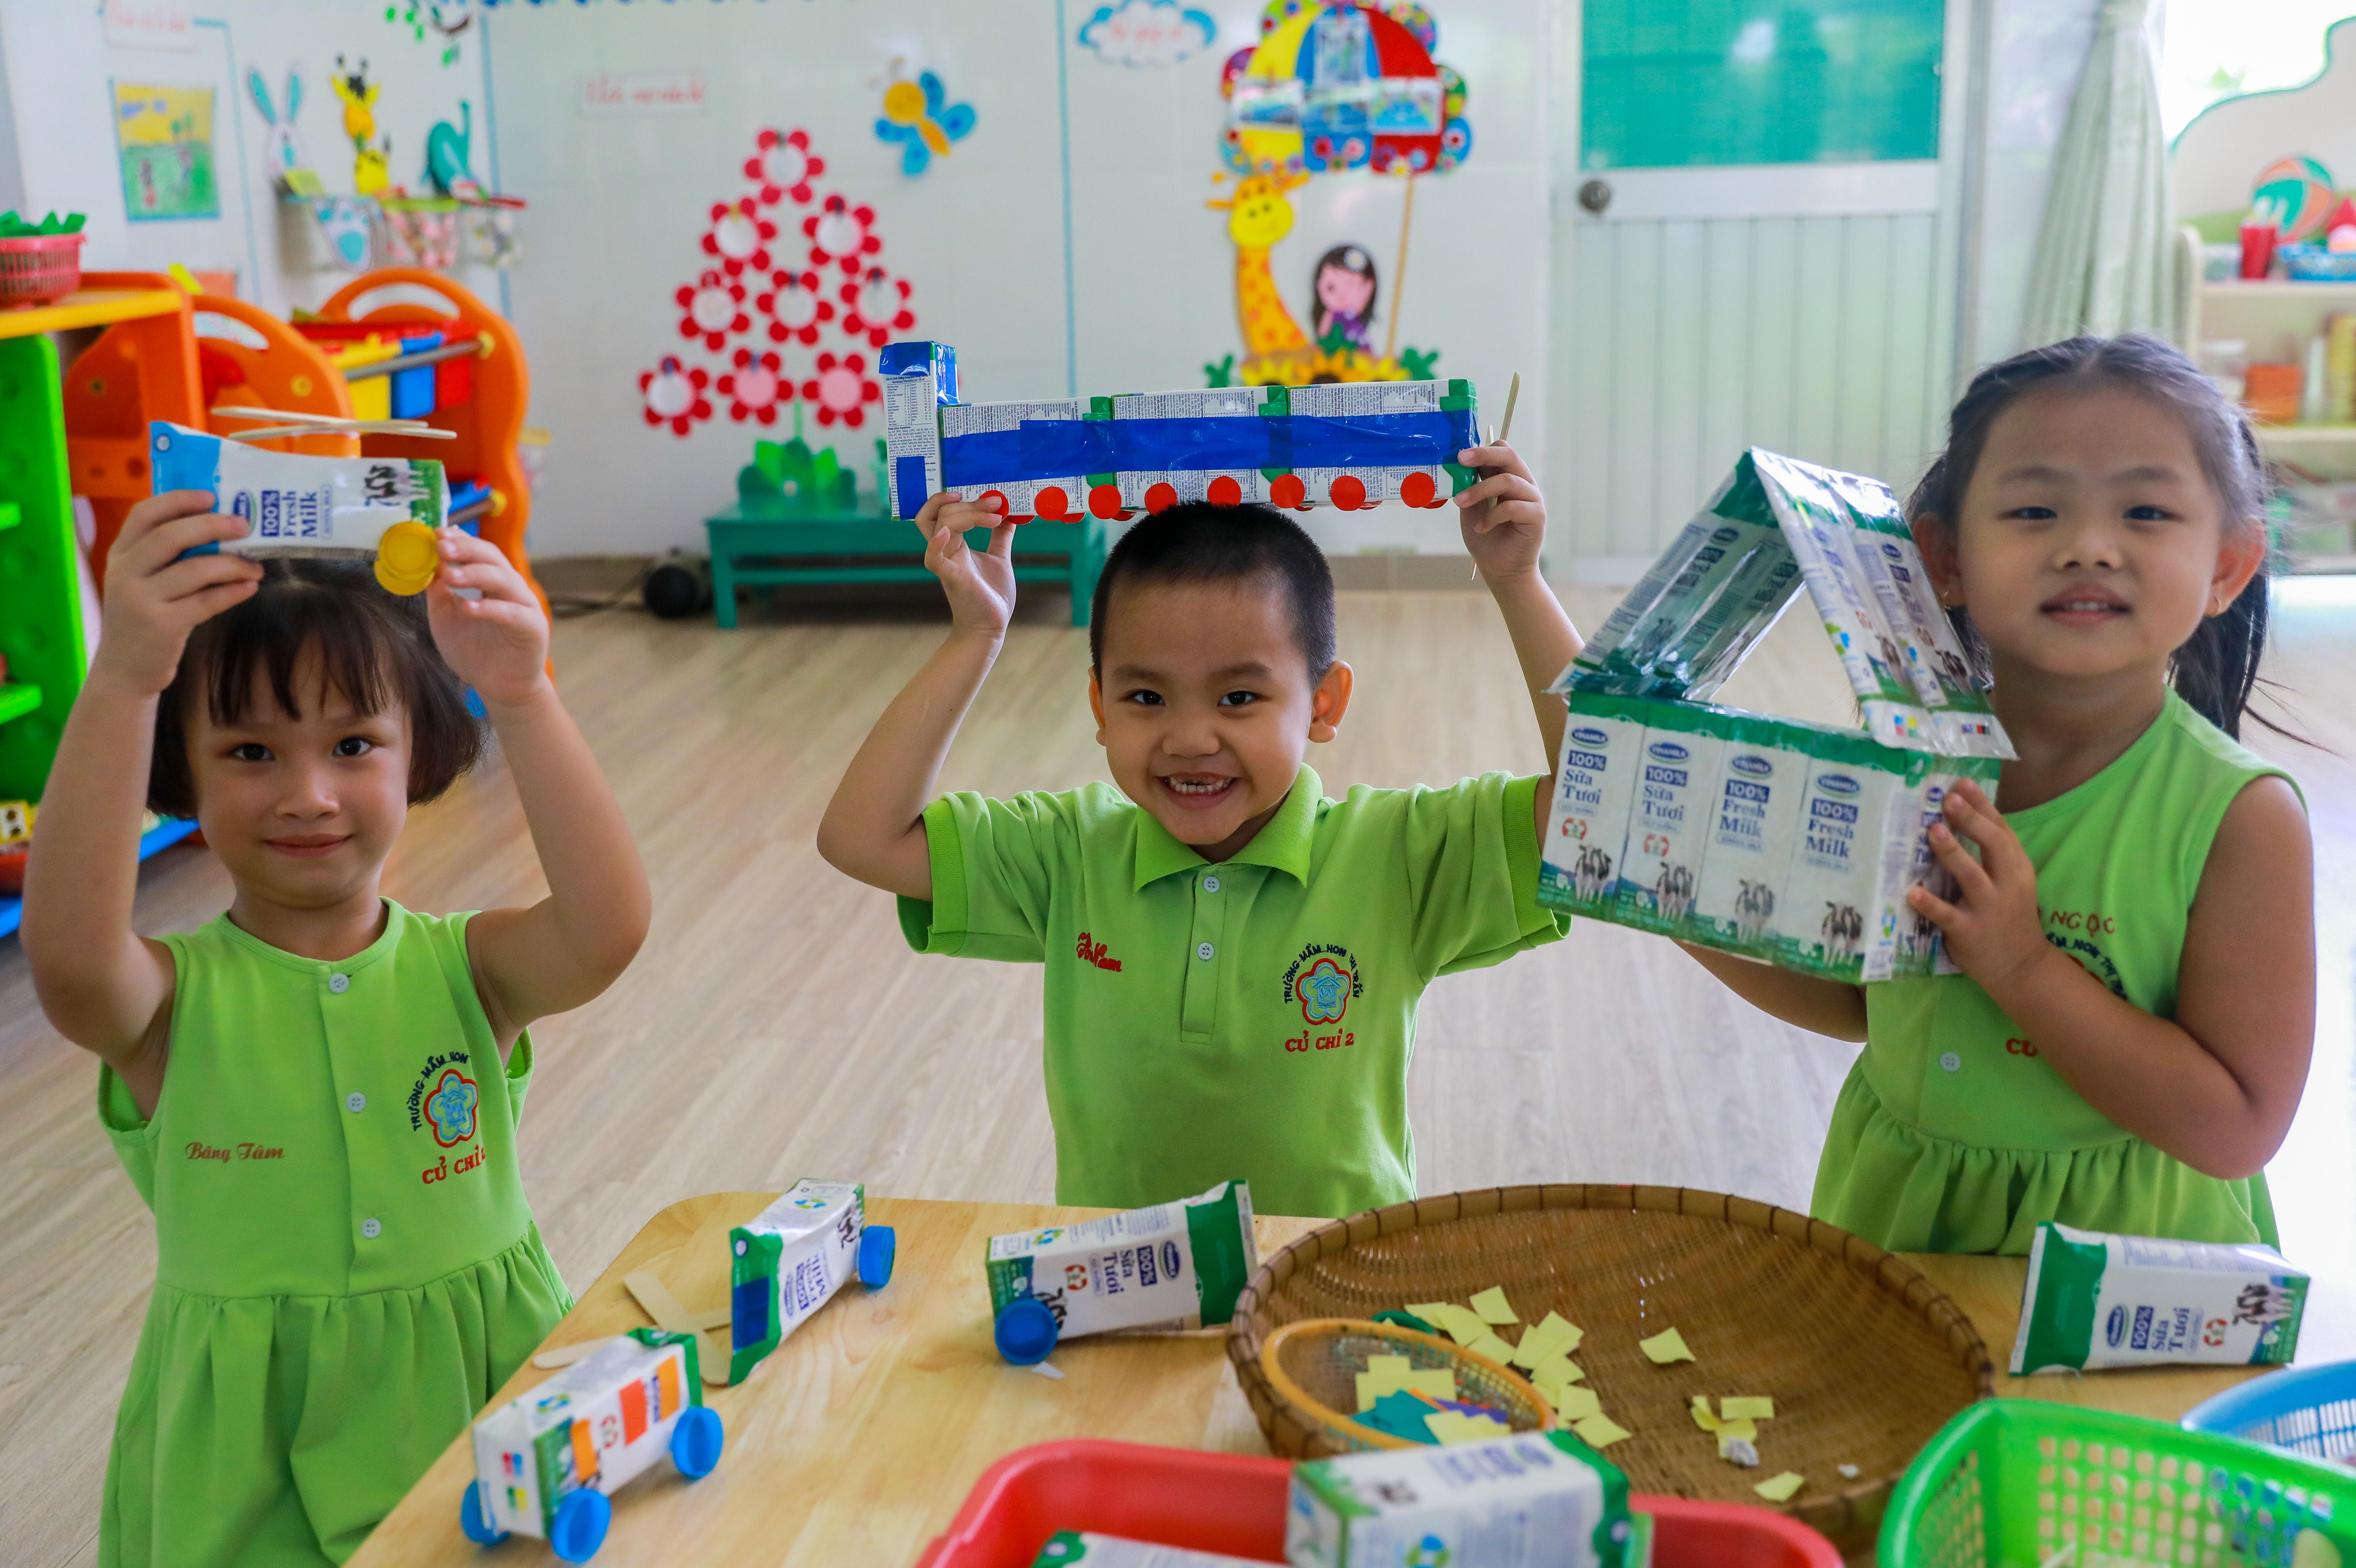 Chương trình SHĐ với nhiều hoạt động thú vị đã ngày càng thu hút nhiều em học sinh trường Tiểu học Thị Trấn Củ Chi 2 tham gia.